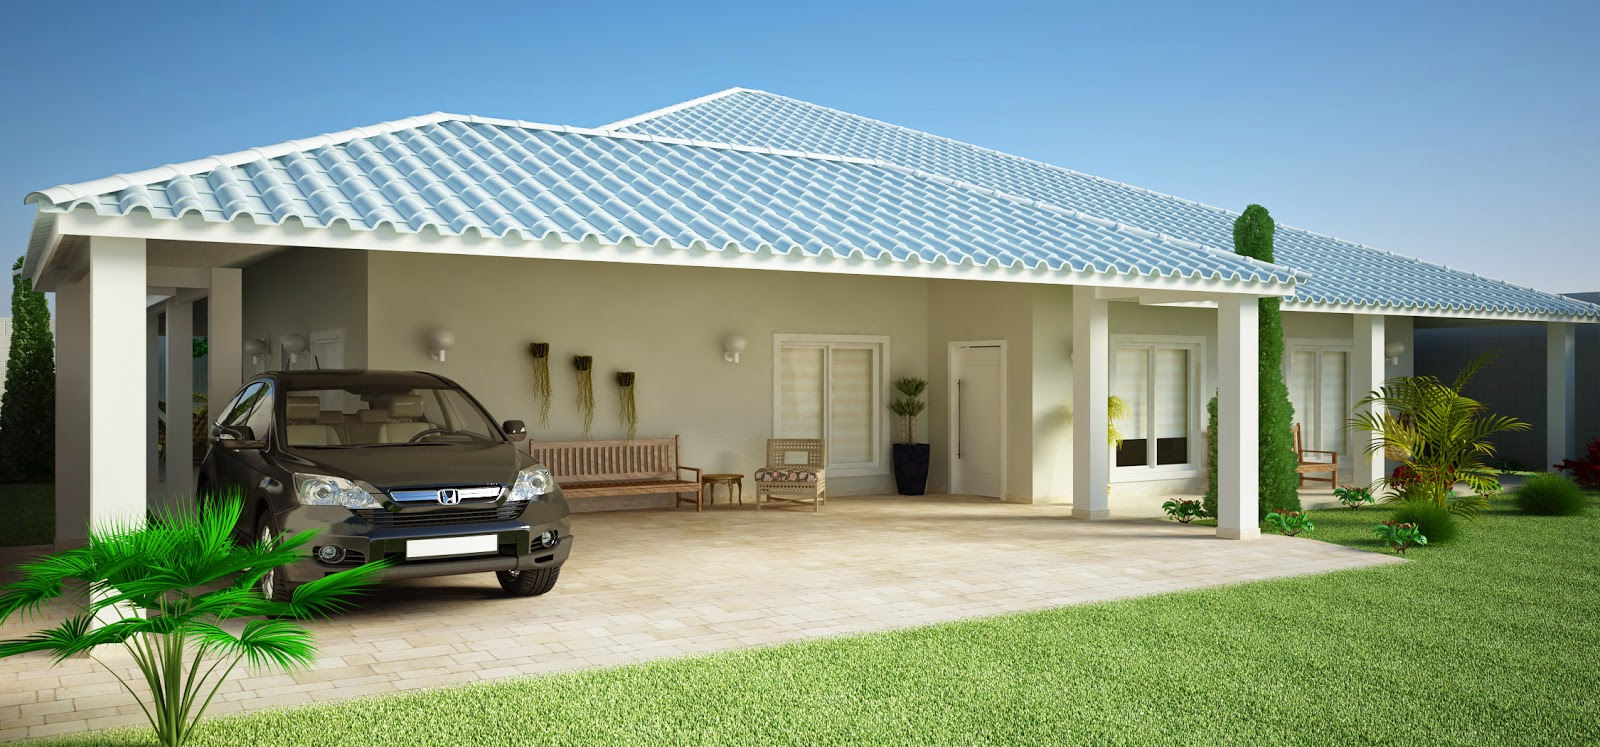 Maquete eletr nica casa de campo moderna - Casas de campo restauradas ...